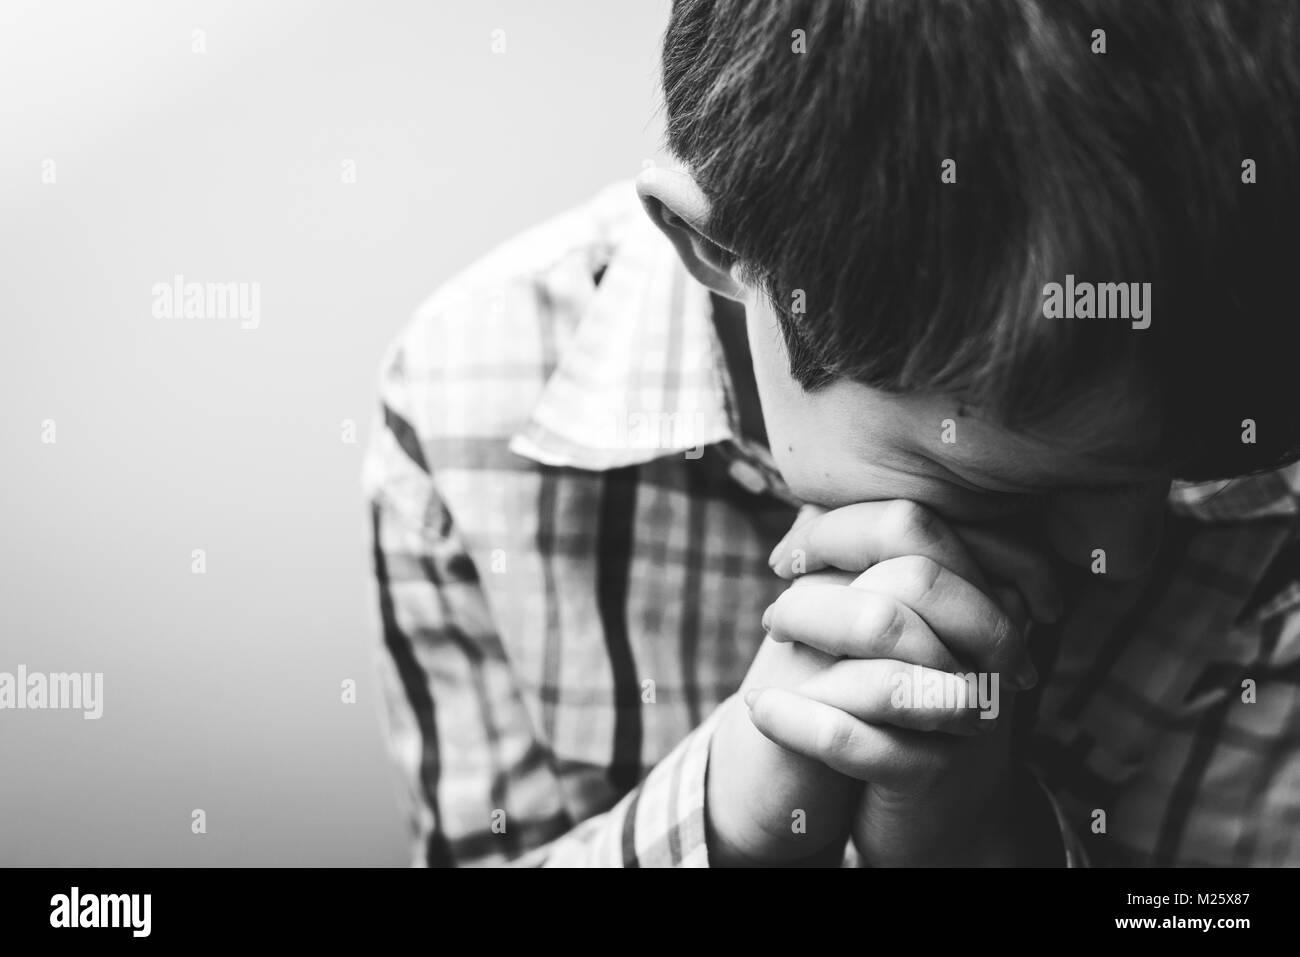 Un giovane ragazzo con la testa piegata nella preghiera. Immagini Stock